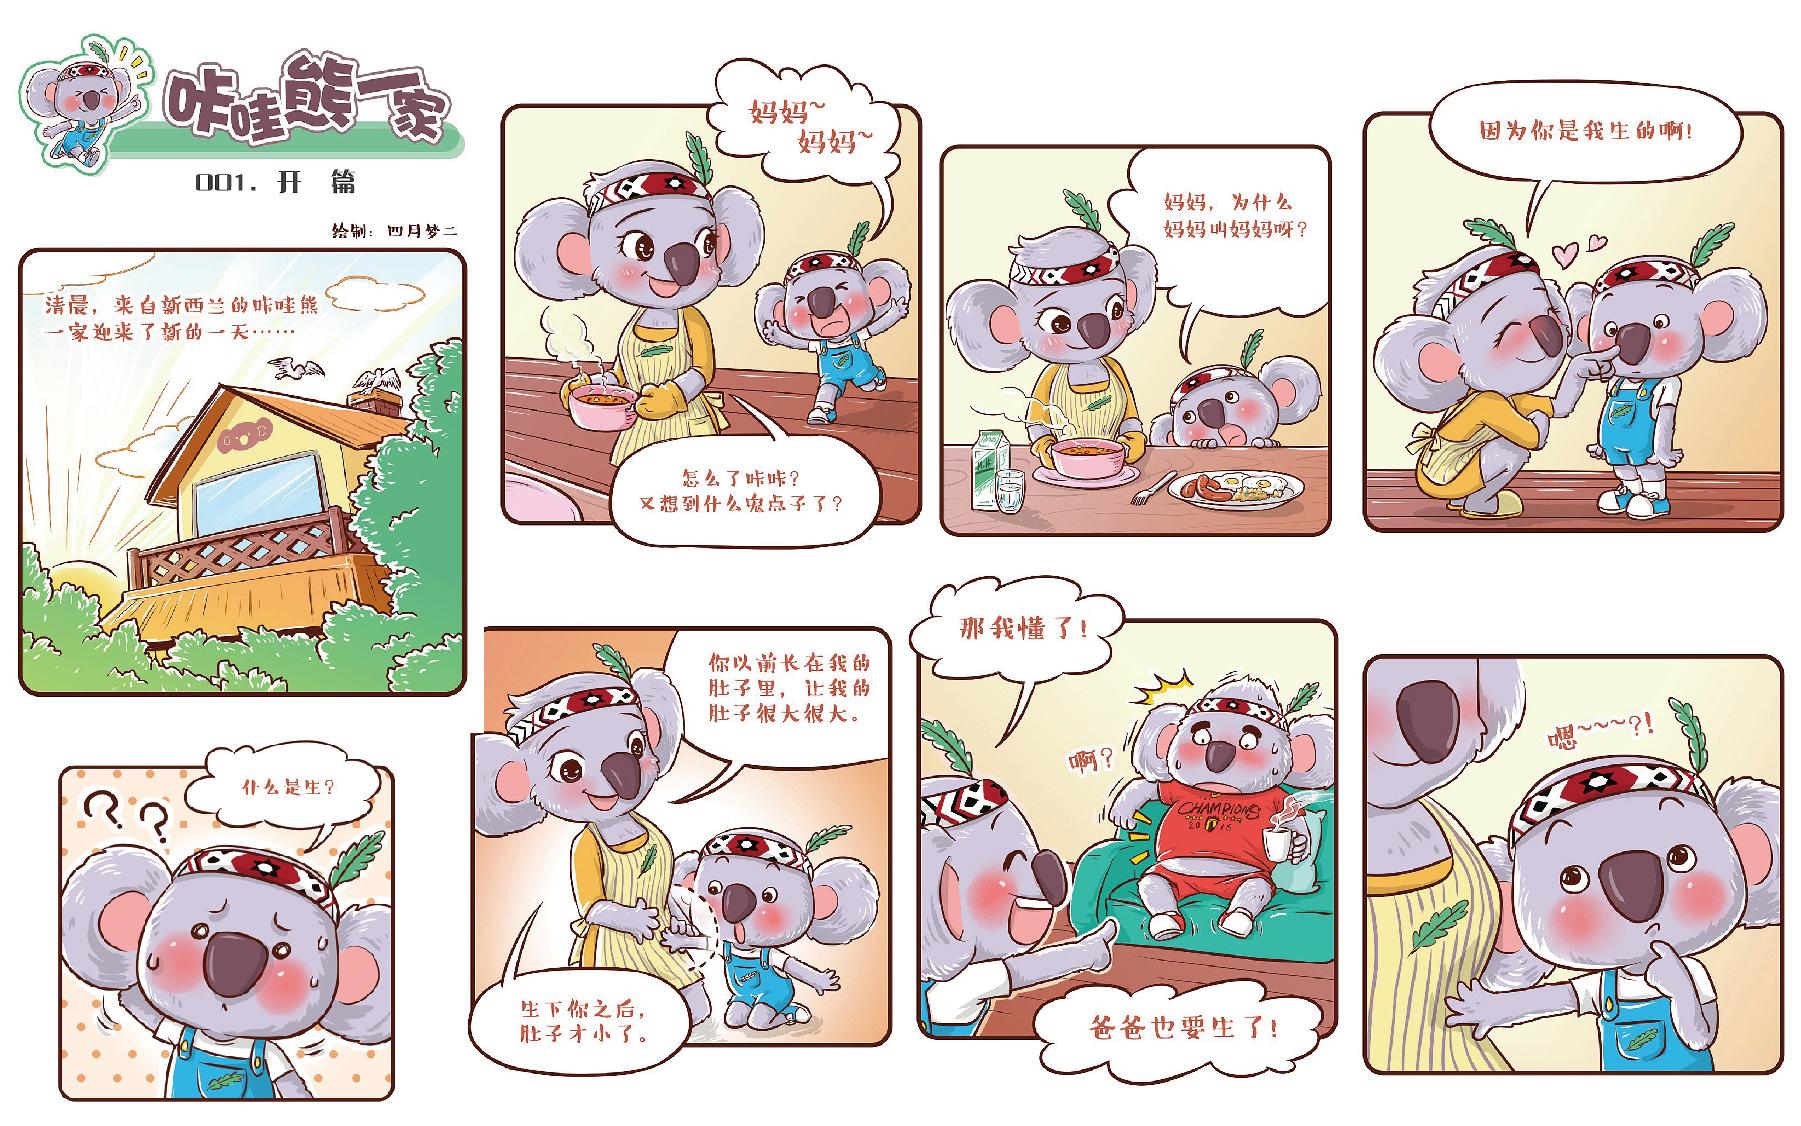 原创手绘商业漫画/四格多格漫画/写实Q版漫画/连环画设计制作